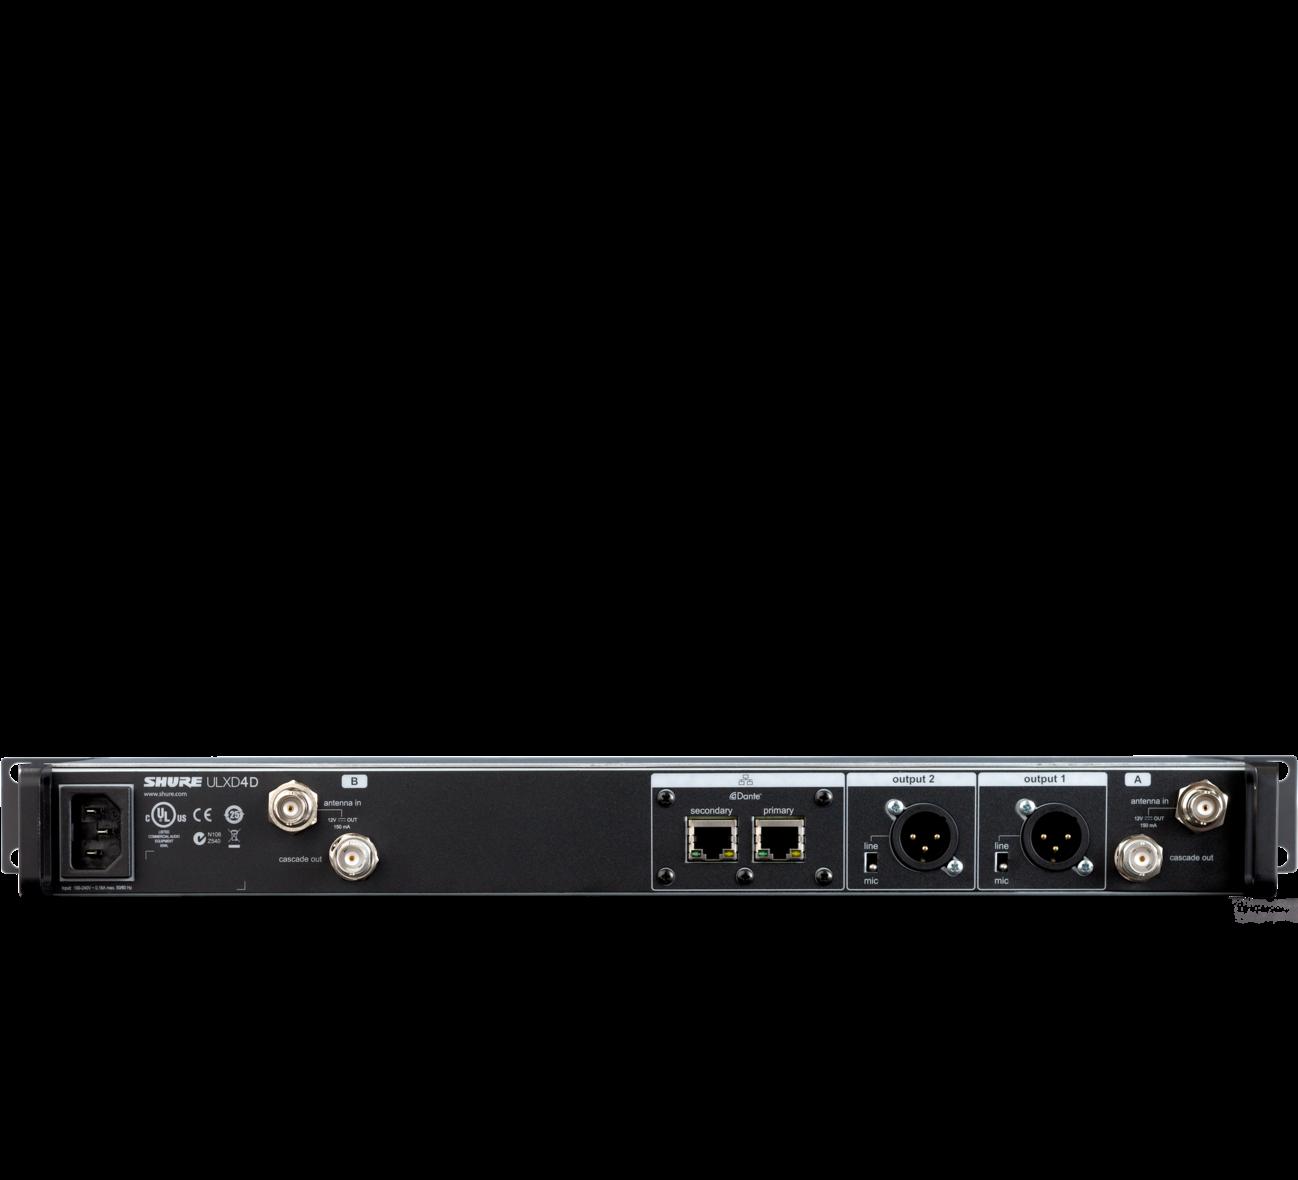 Receptor Inalámbrico Digital dual ULXD4D